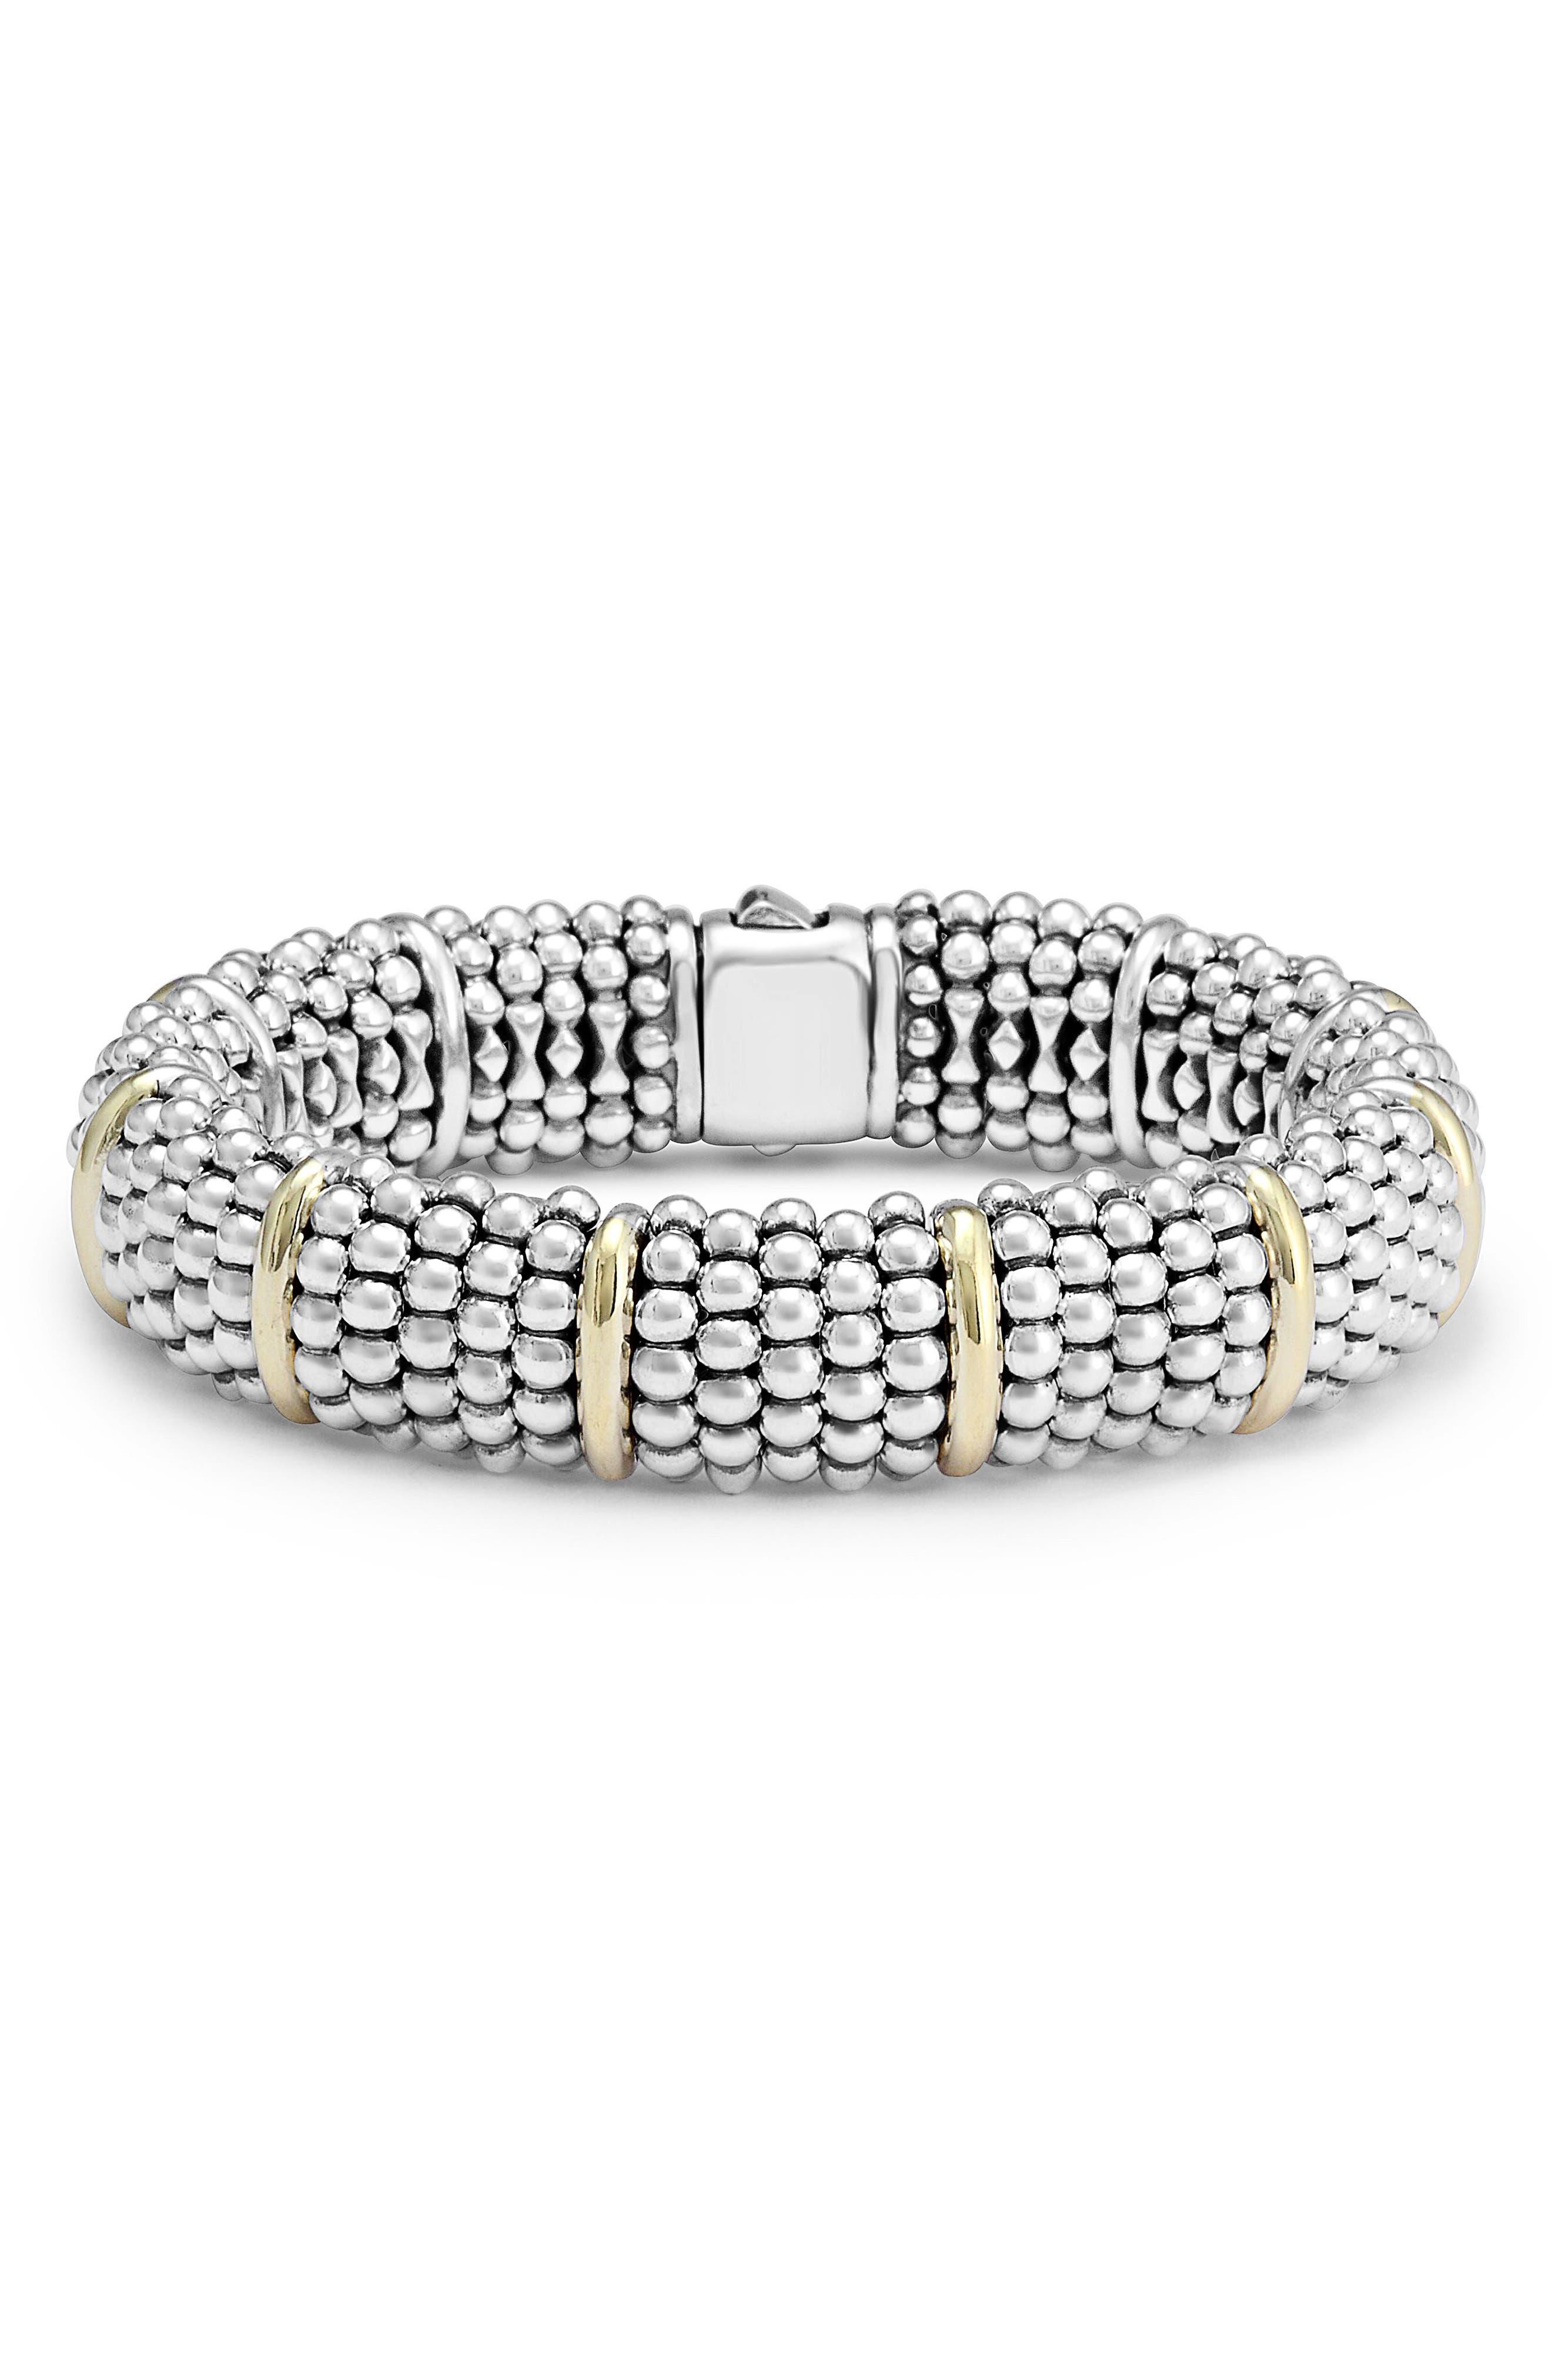 Oval Caviar Bracelet,                         Main,                         color, Silver/ Gold